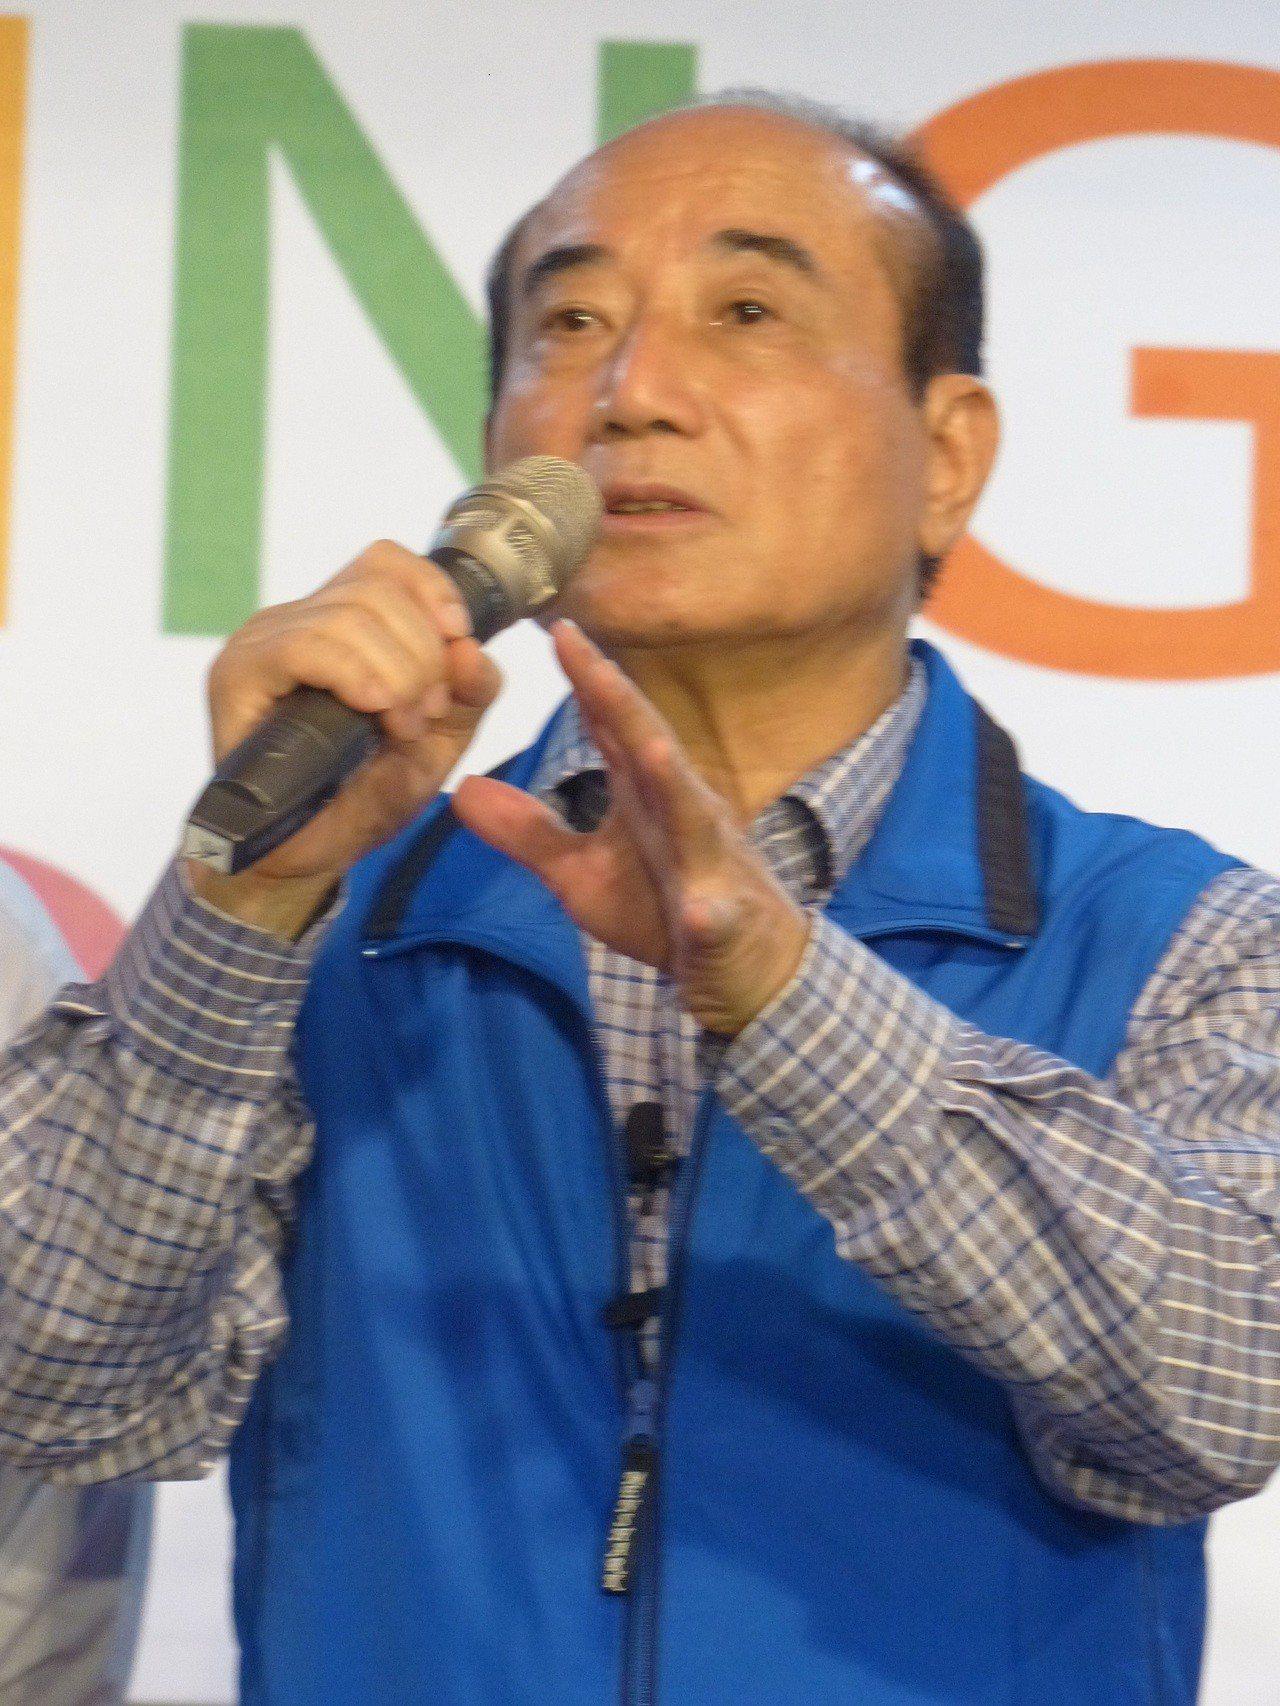 前立法院長王金平(中) 今天下午參加在彰化市向陽社區活動中心舉行的彰化市金平之友...